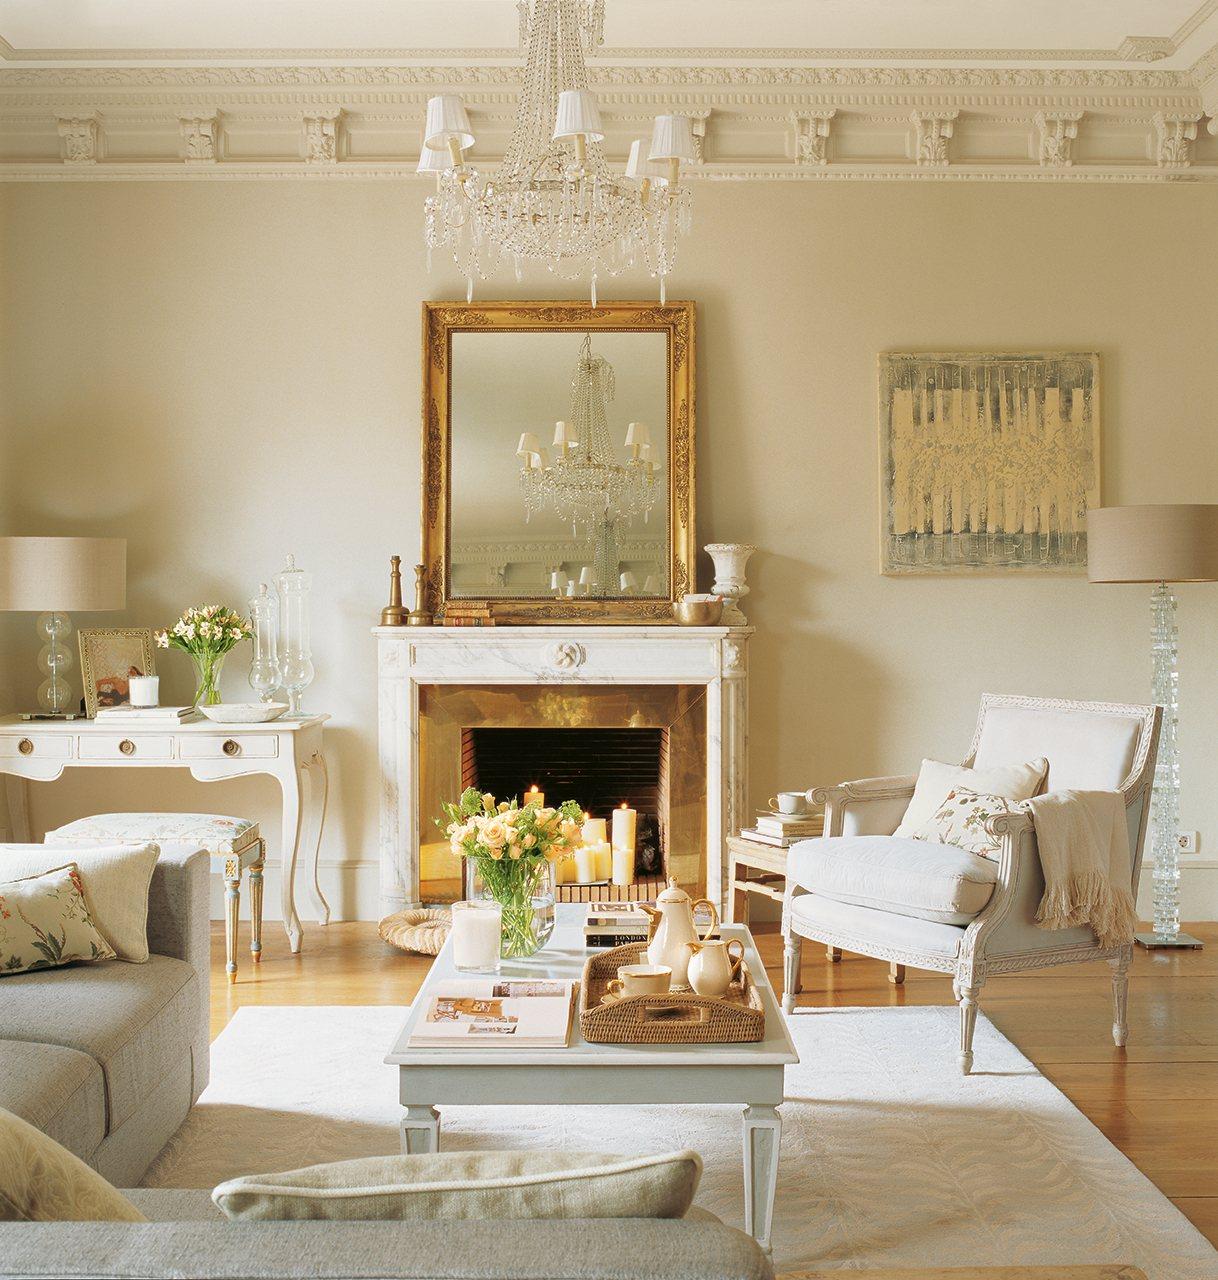 20 salones para inspirarte - Como decapar un mueble en blanco ...